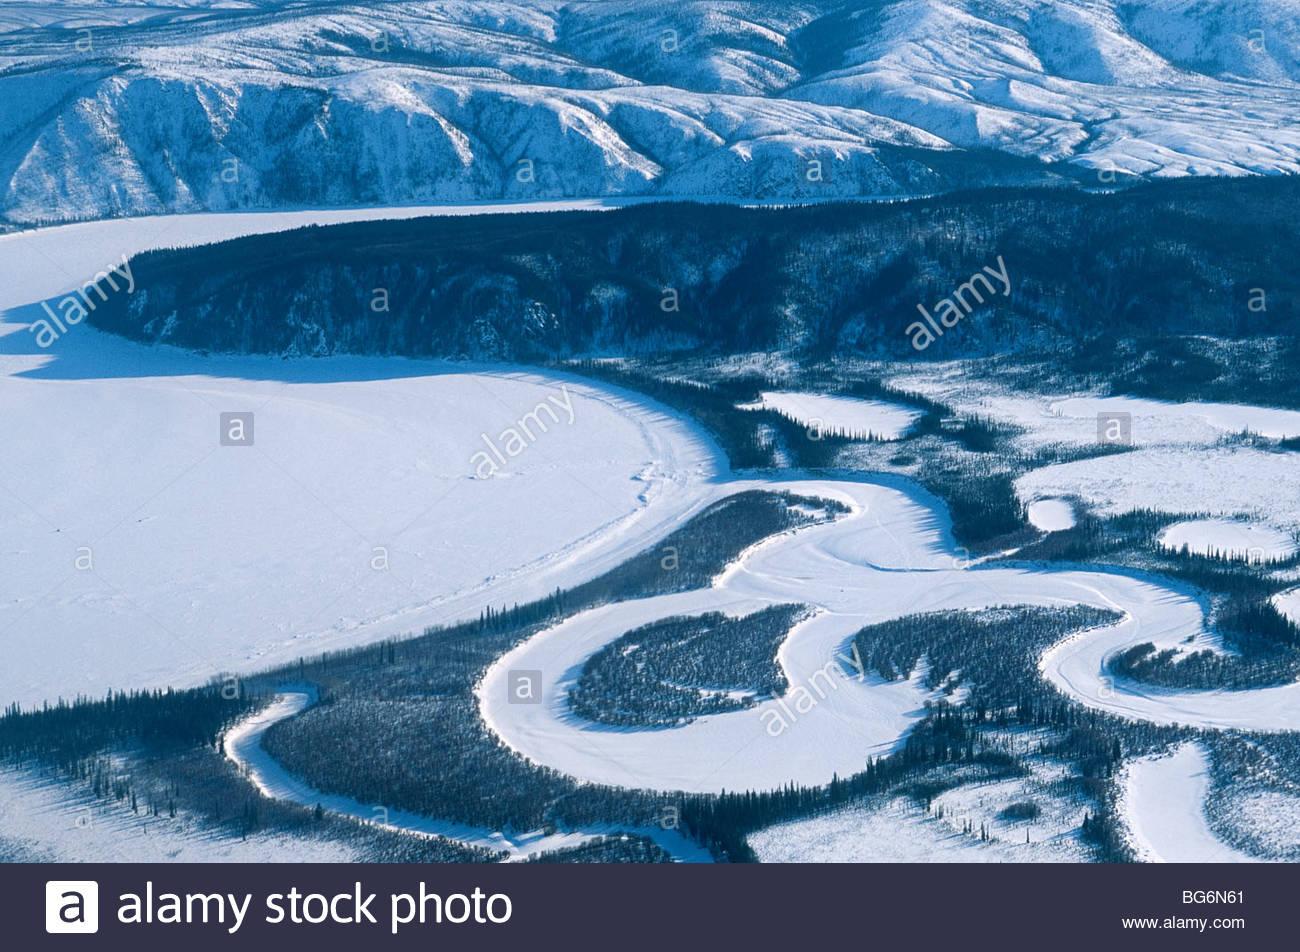 Alaska. Yukon Flats National Wildlife refuge, NWR. Oxbow lakes on the Yukon River. - Stock Image